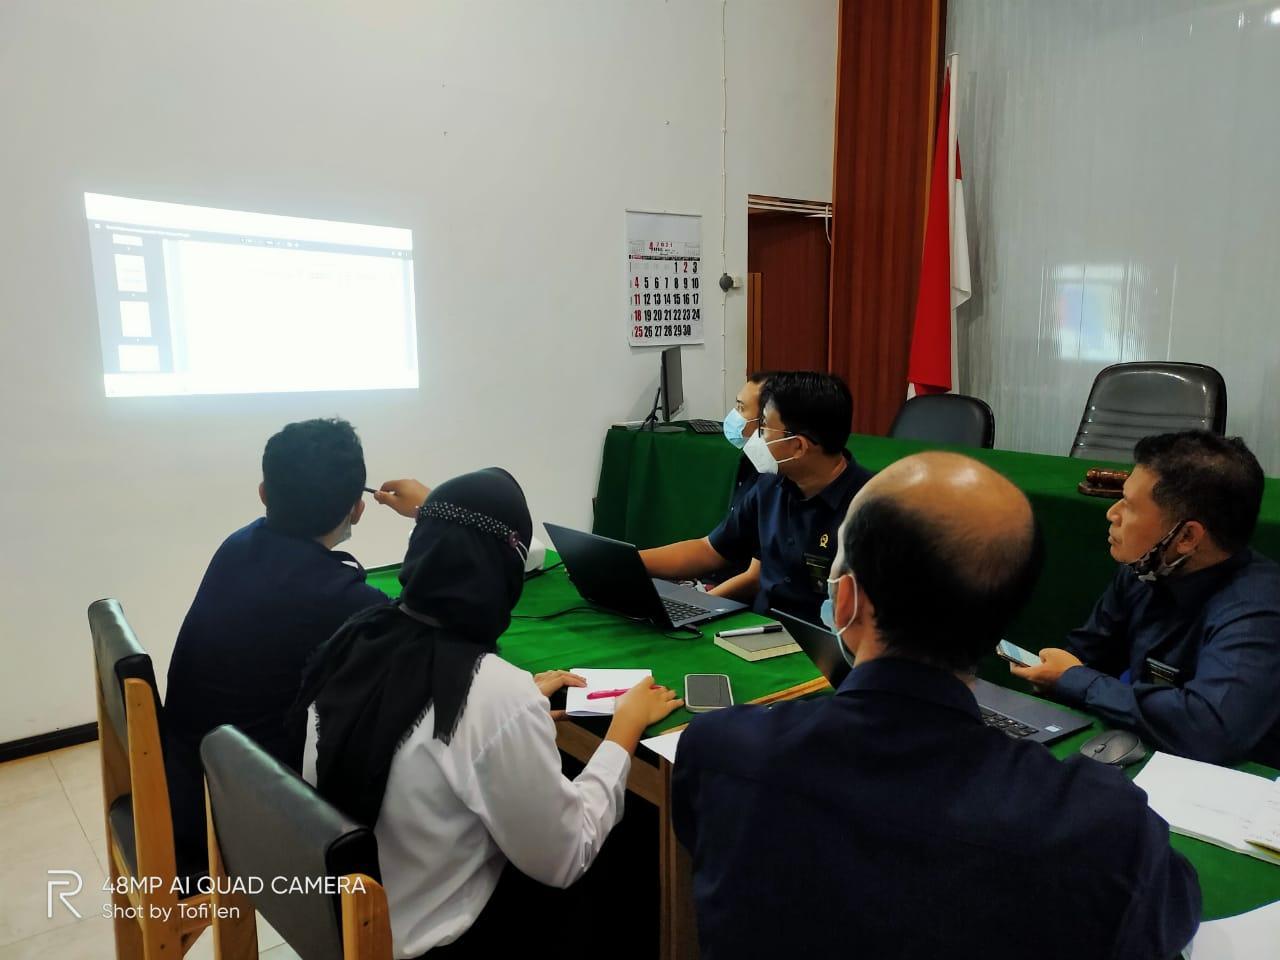 http://pa-tamianglayang.go.id/images/WhatsApp%20Image%202021-05-06%20at%2008.44.02.jpeg